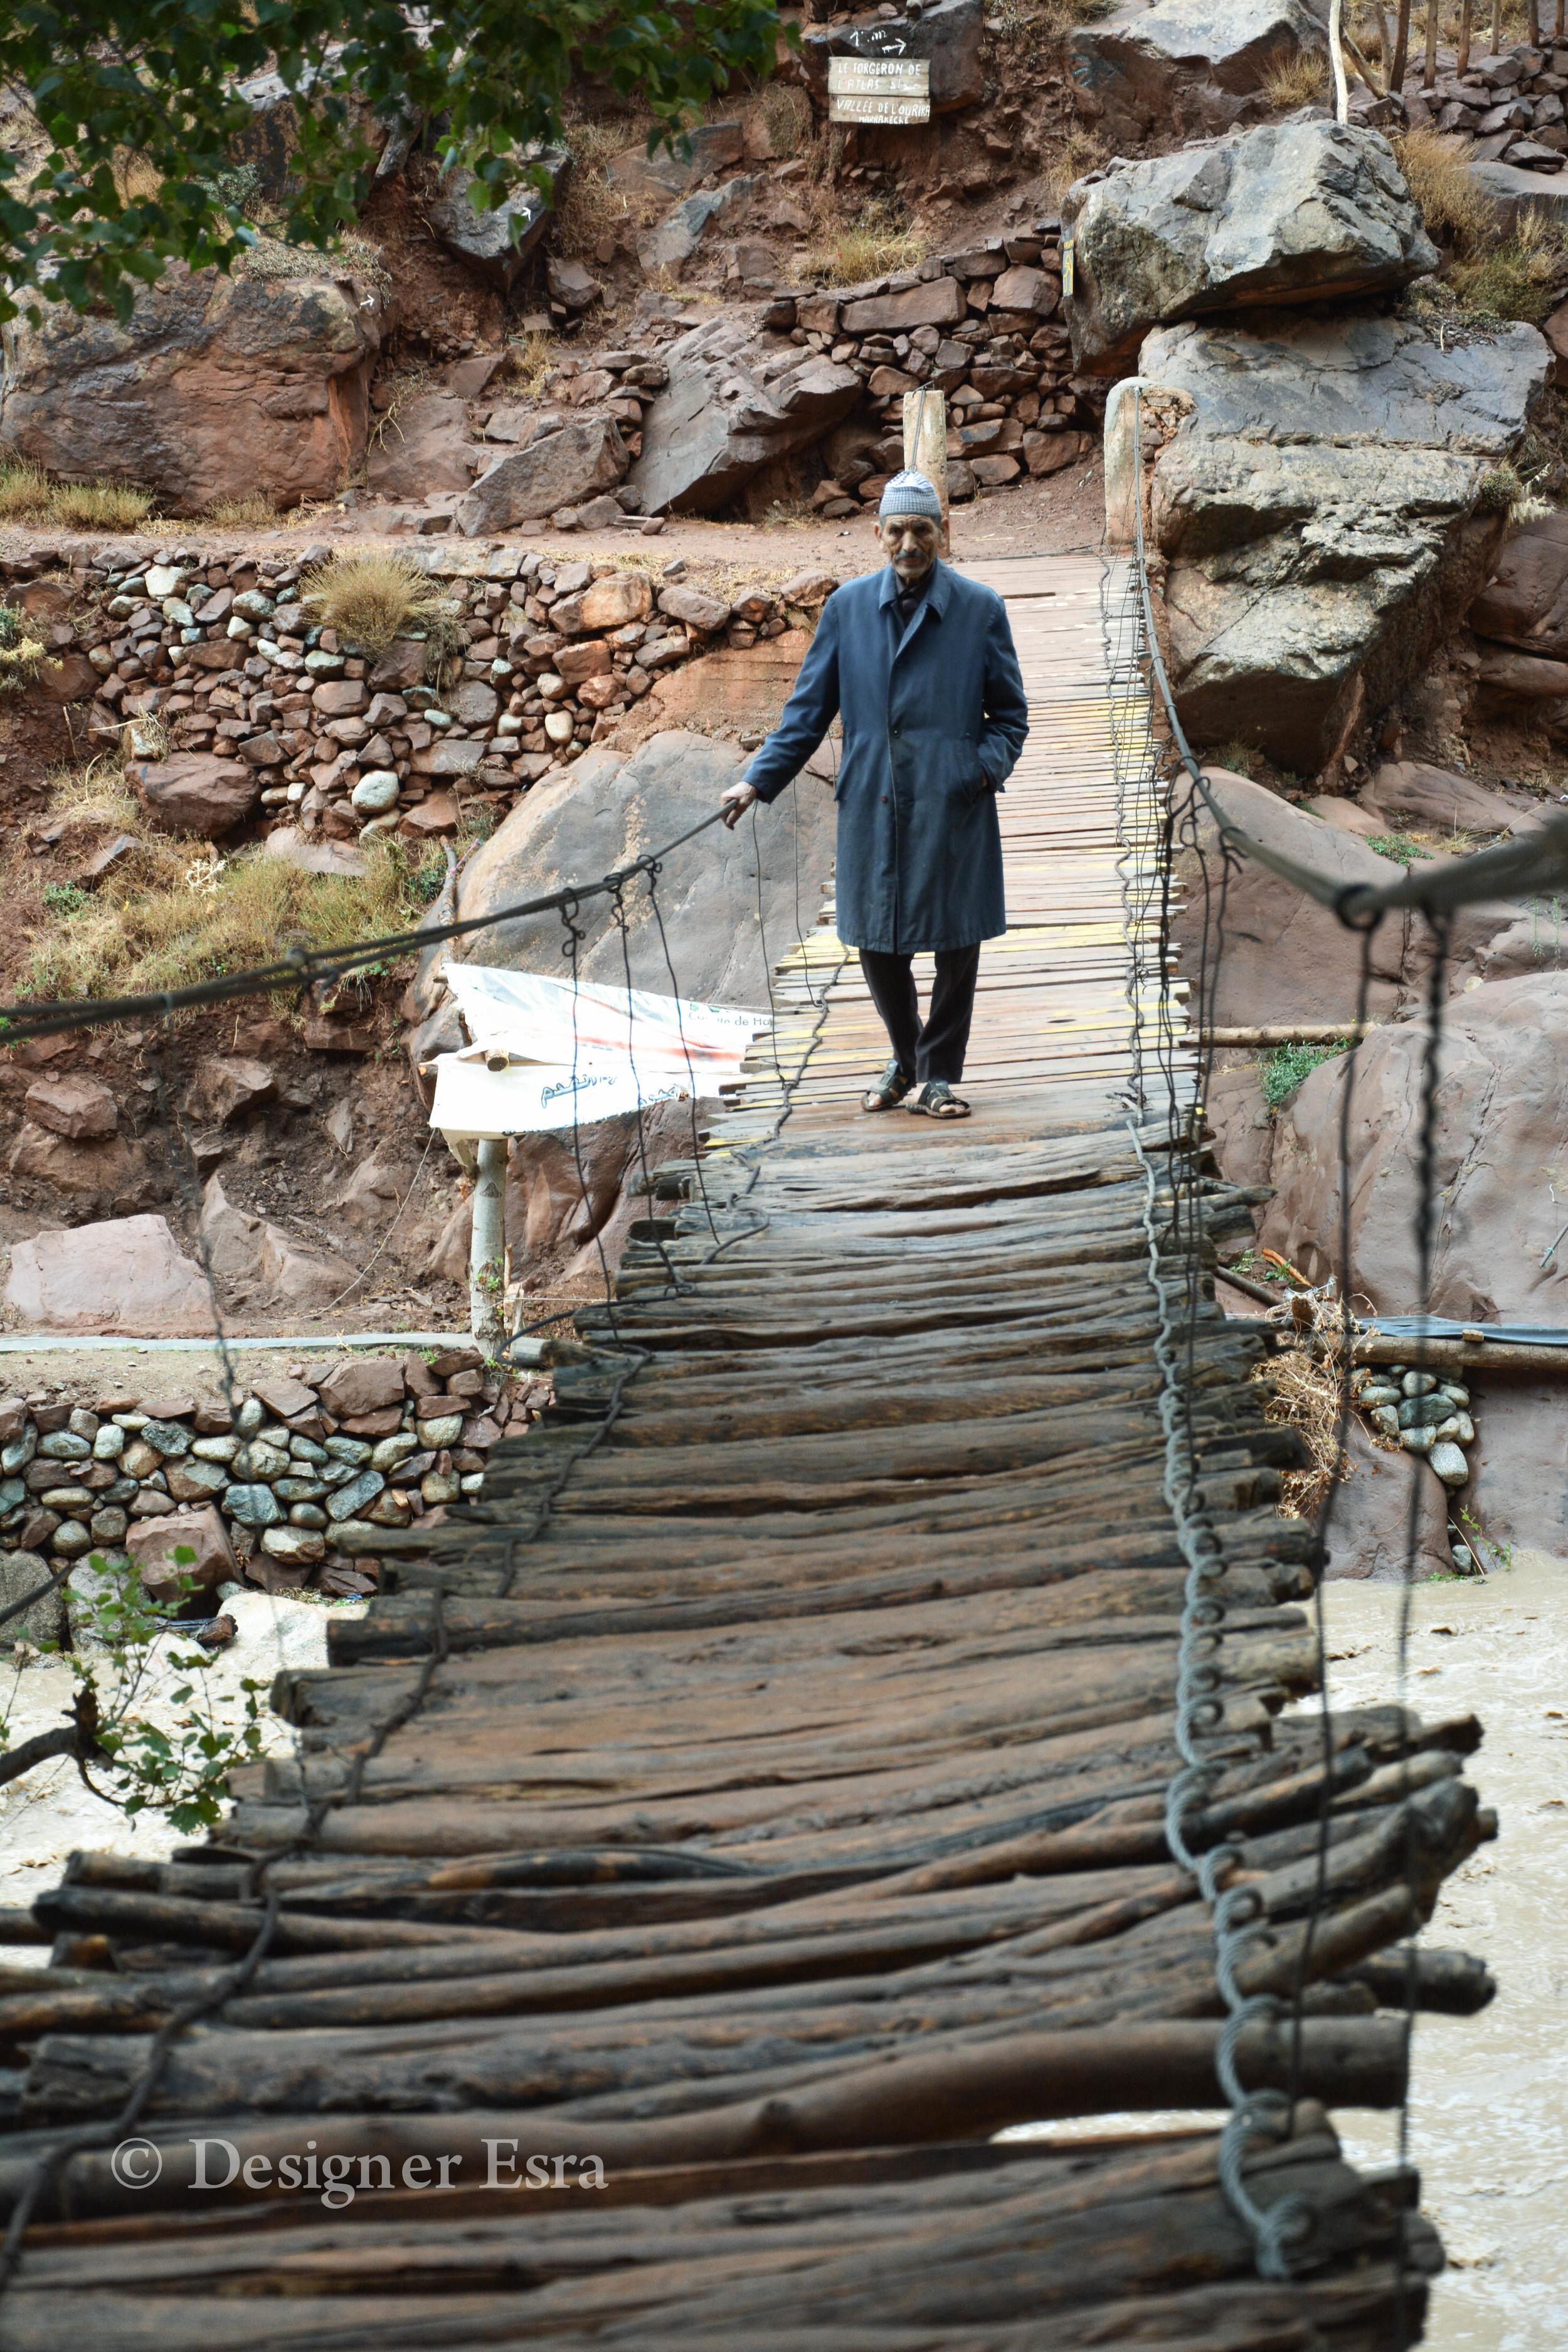 Moroccan Wooden Bridge